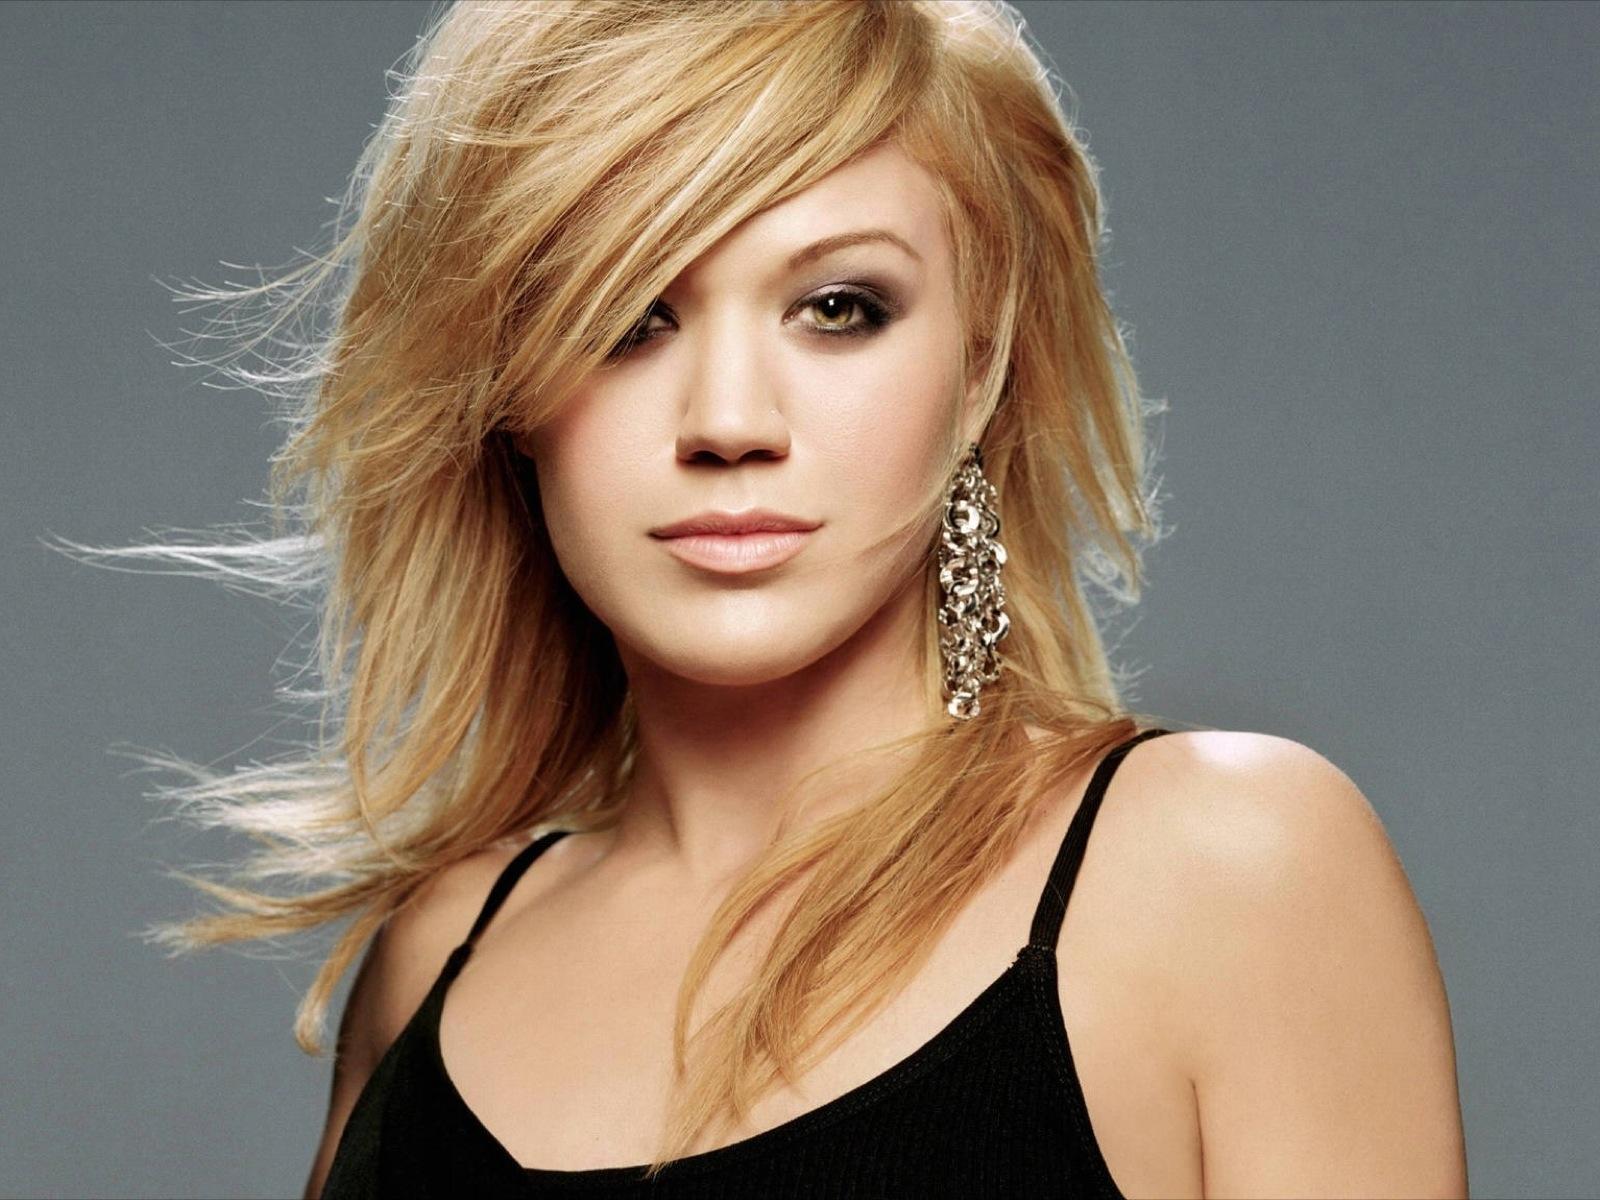 صوره كيلي كلاركسون فازت في برنامج اميريكان ايدل American Idol